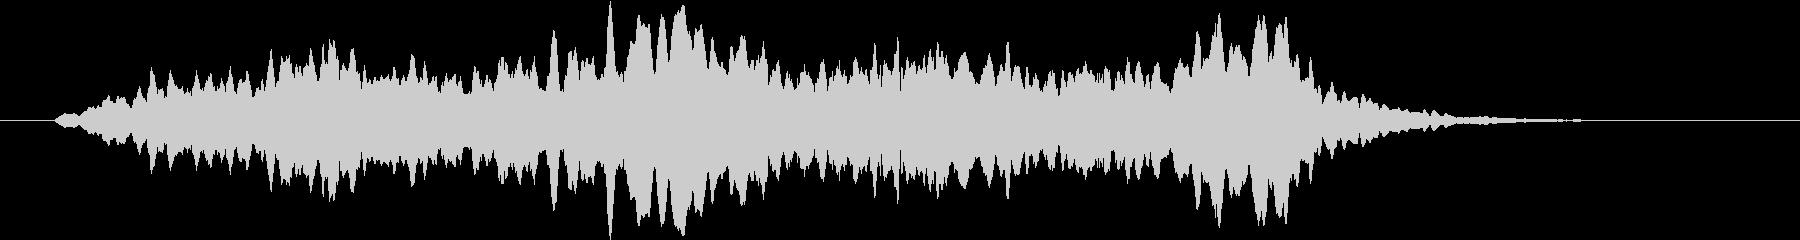 モーニングホライズンセカンドの未再生の波形